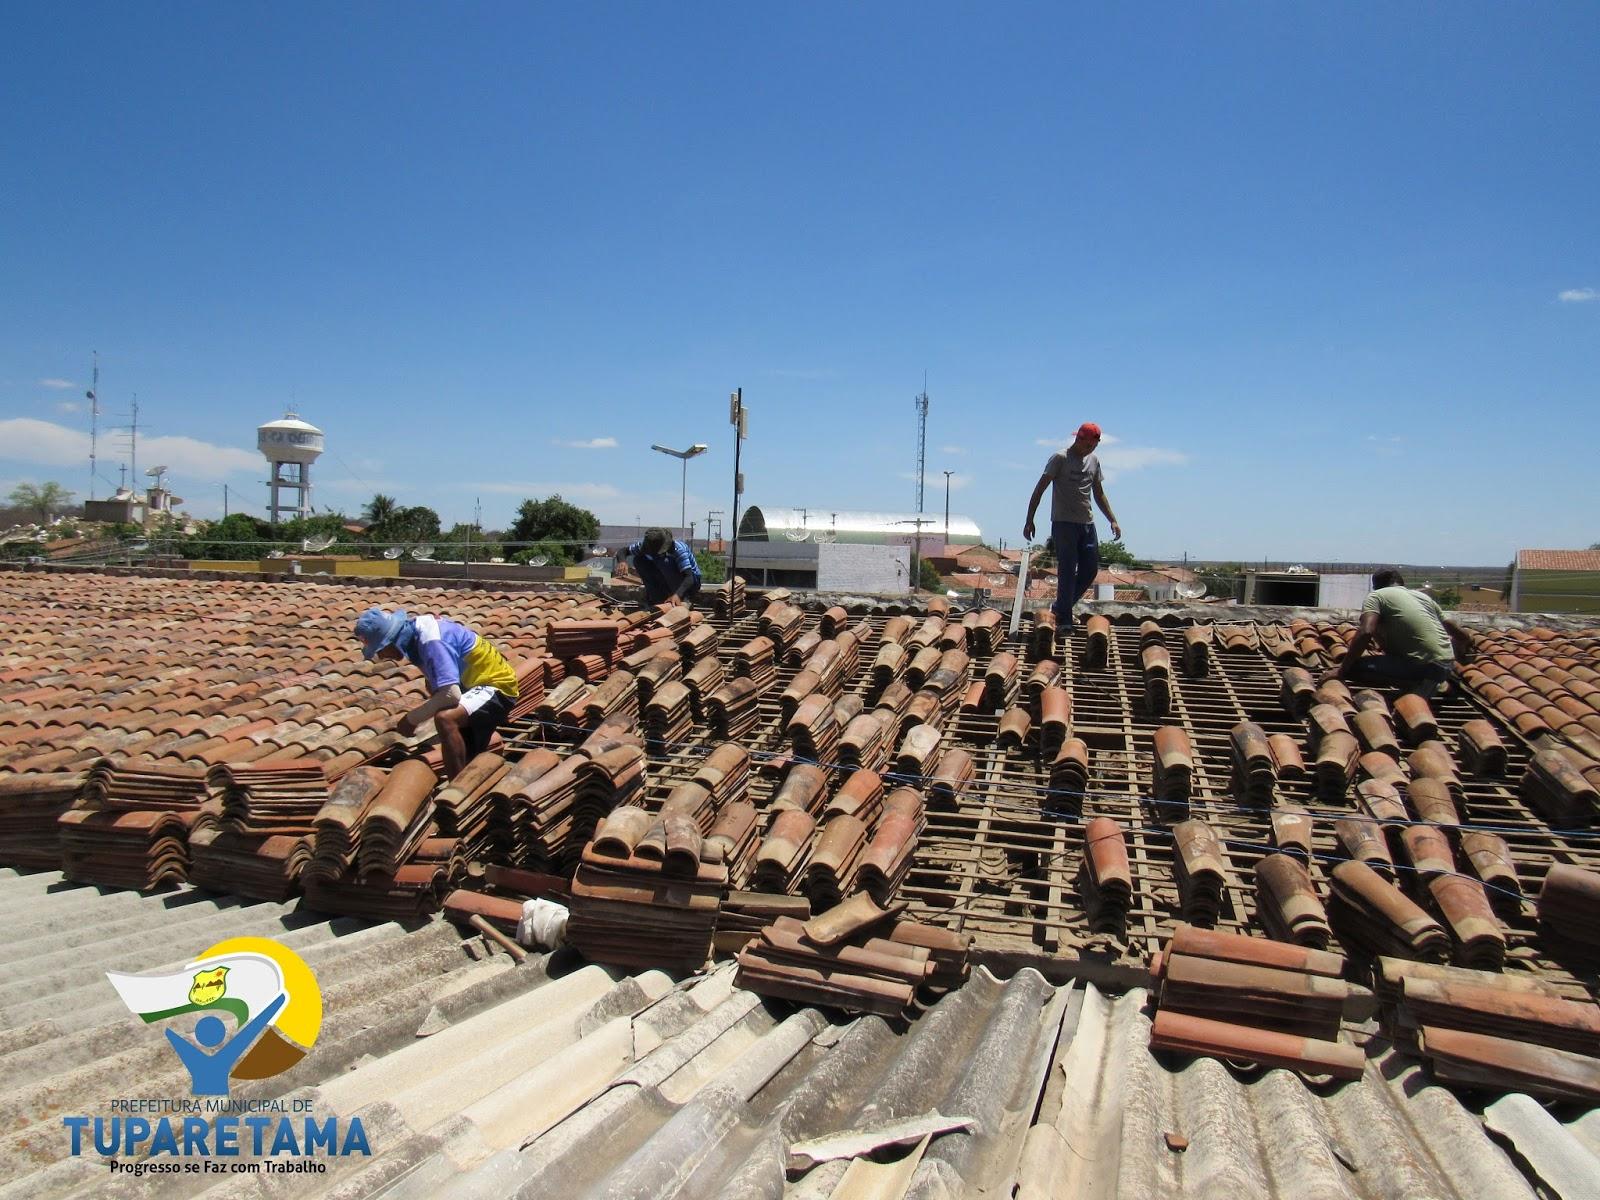 Mais Tuparetama: Prefeitura inicia reforma do prédio sede e da Praça  #346397 1600 1200